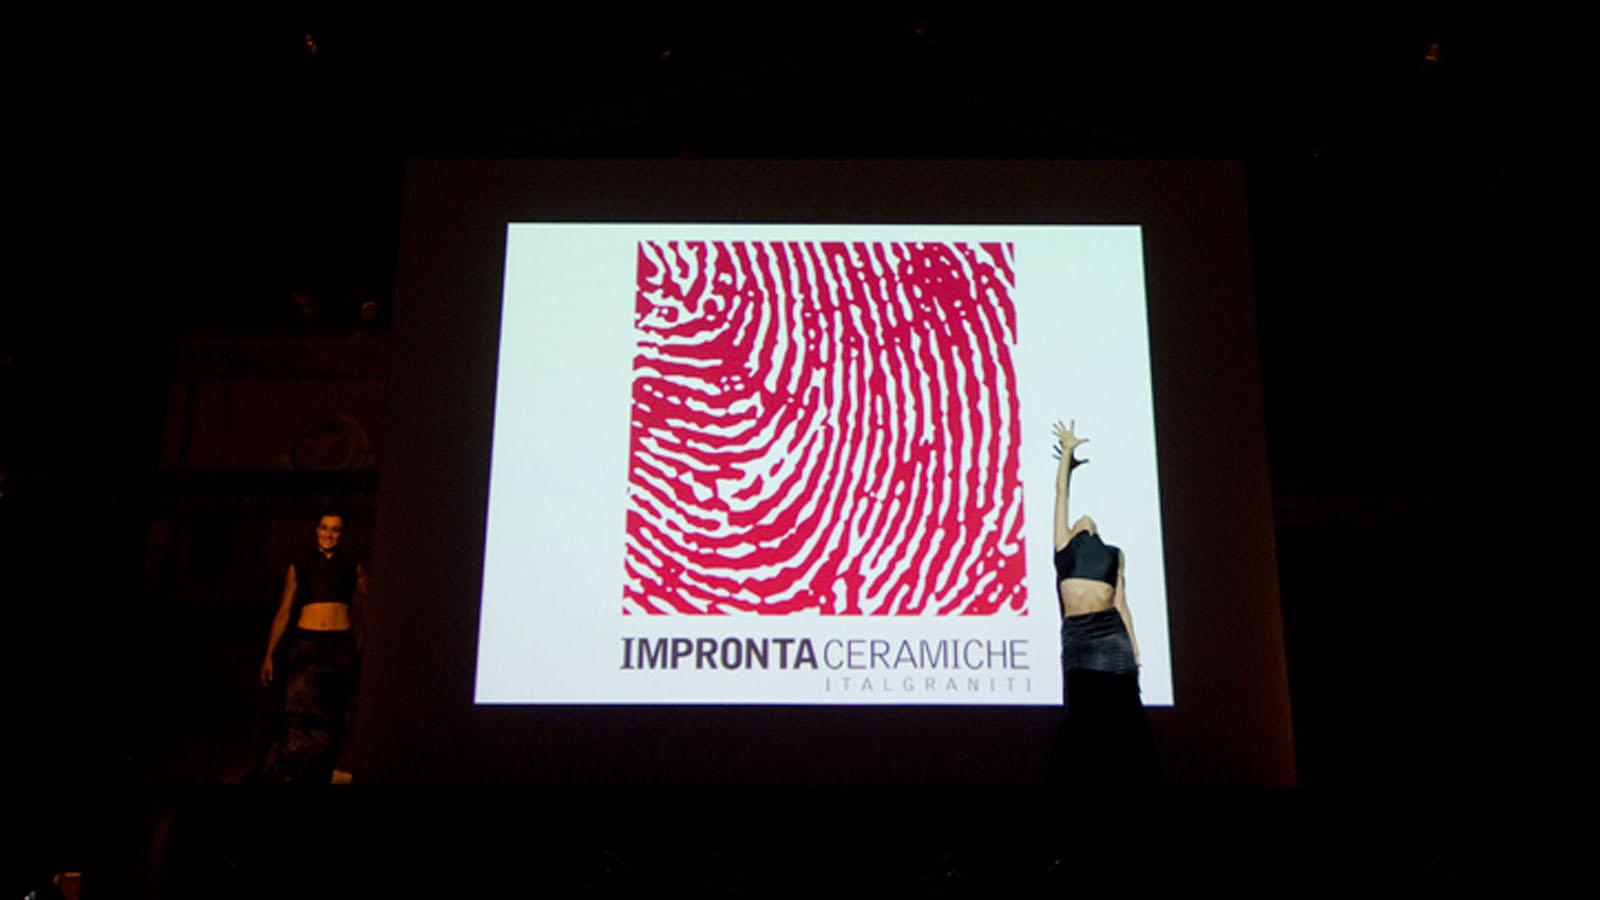 2008-IMPRONTA-CERAMICHE-6_Impronta